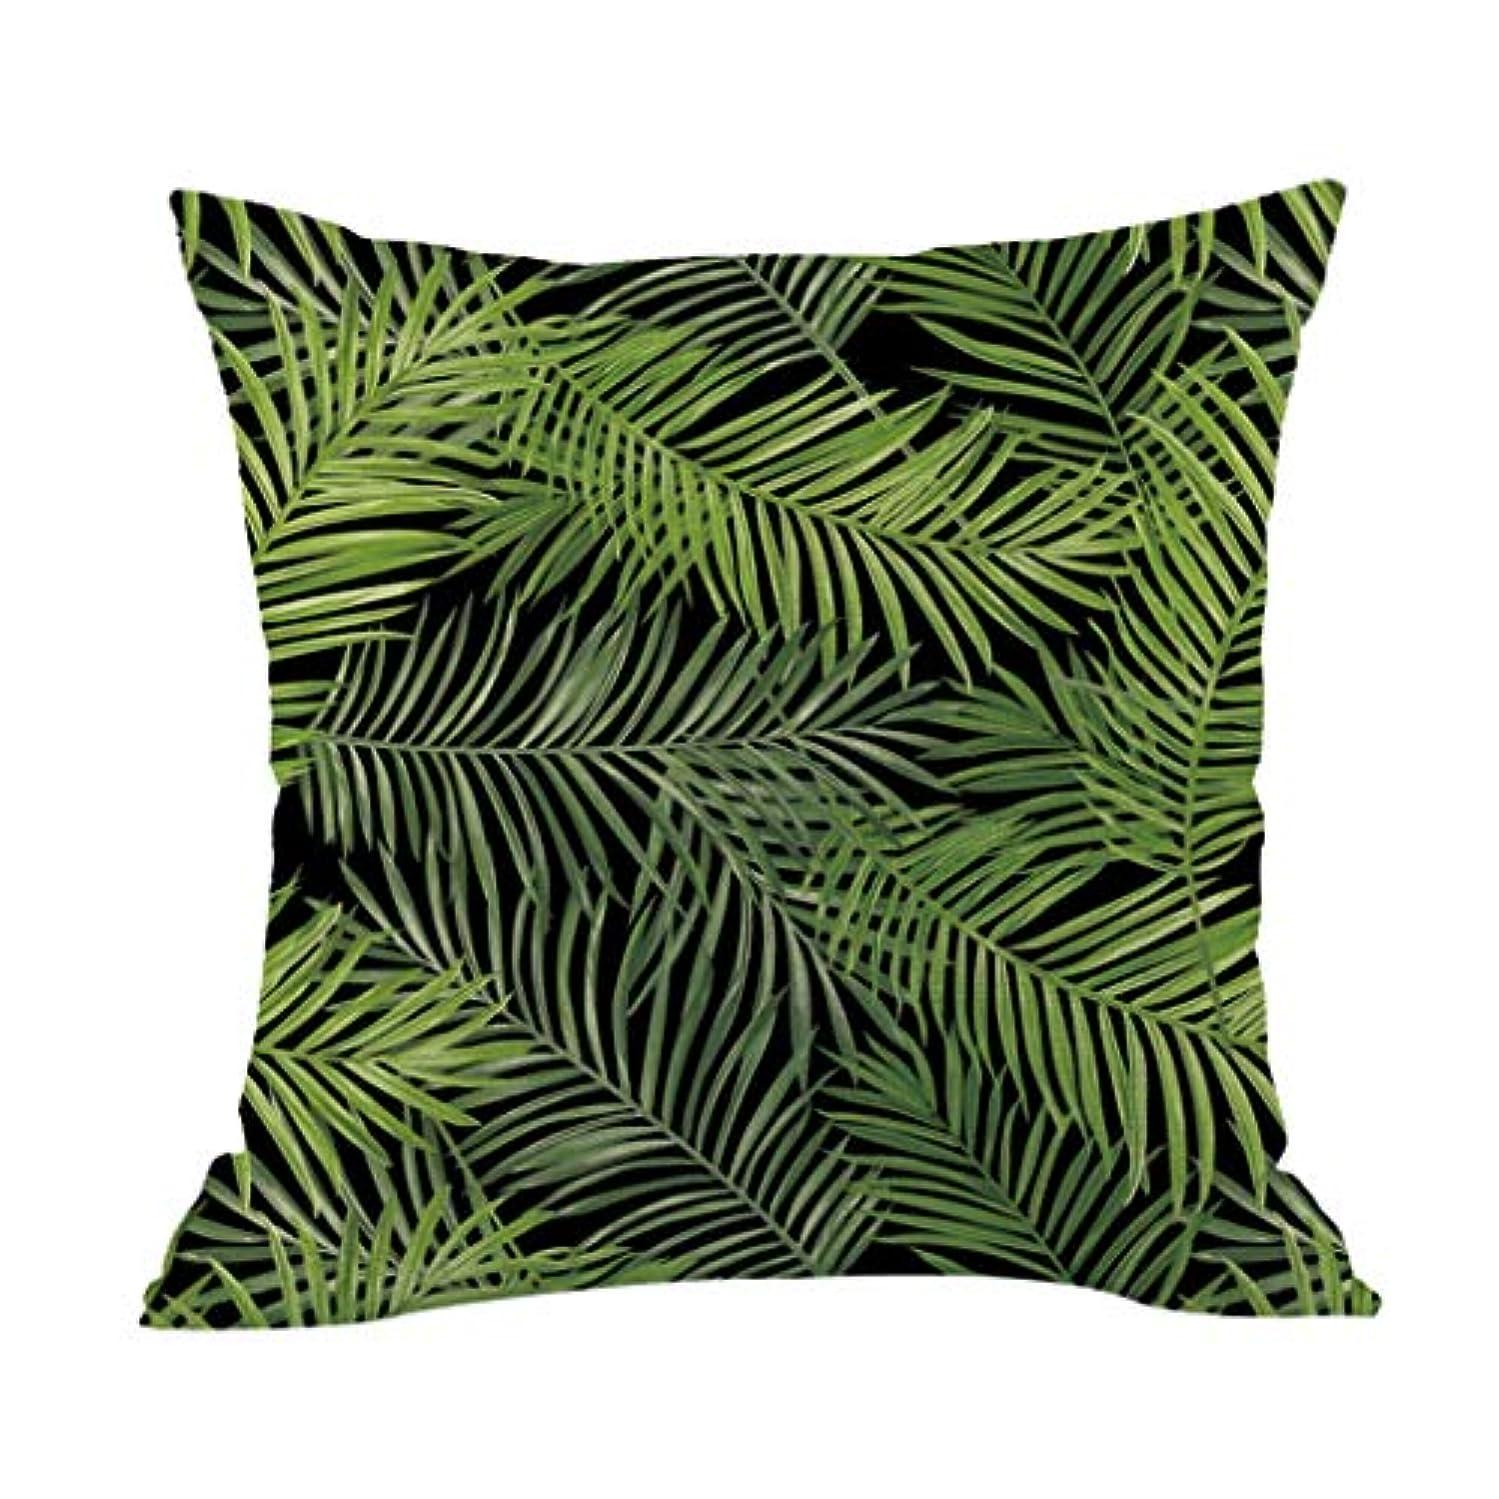 伝導率グレード期限切れLIFE 高品質クッション熱帯植物ポリエステル枕ソファ投げるパッドセットホーム人格クッション coussin decoratif クッション 椅子